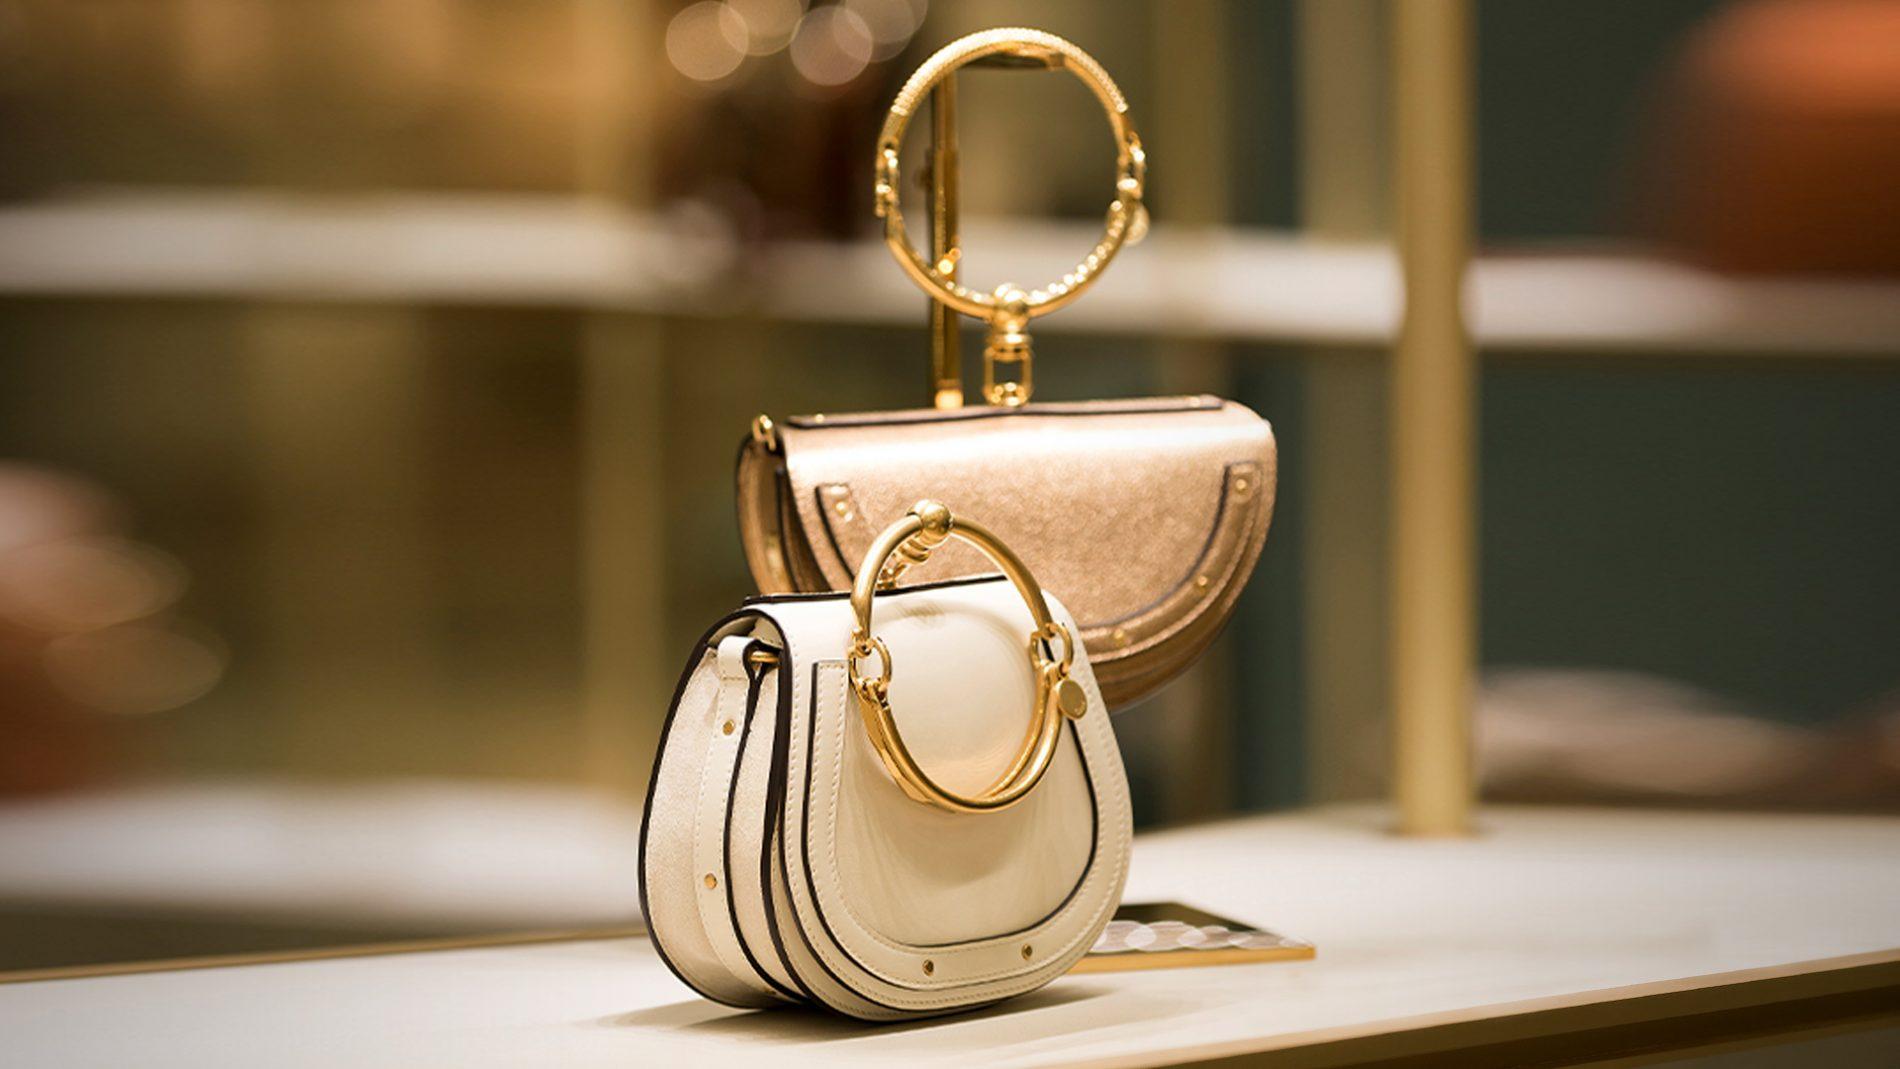 英格列斯设计师品牌包袋,Chloe